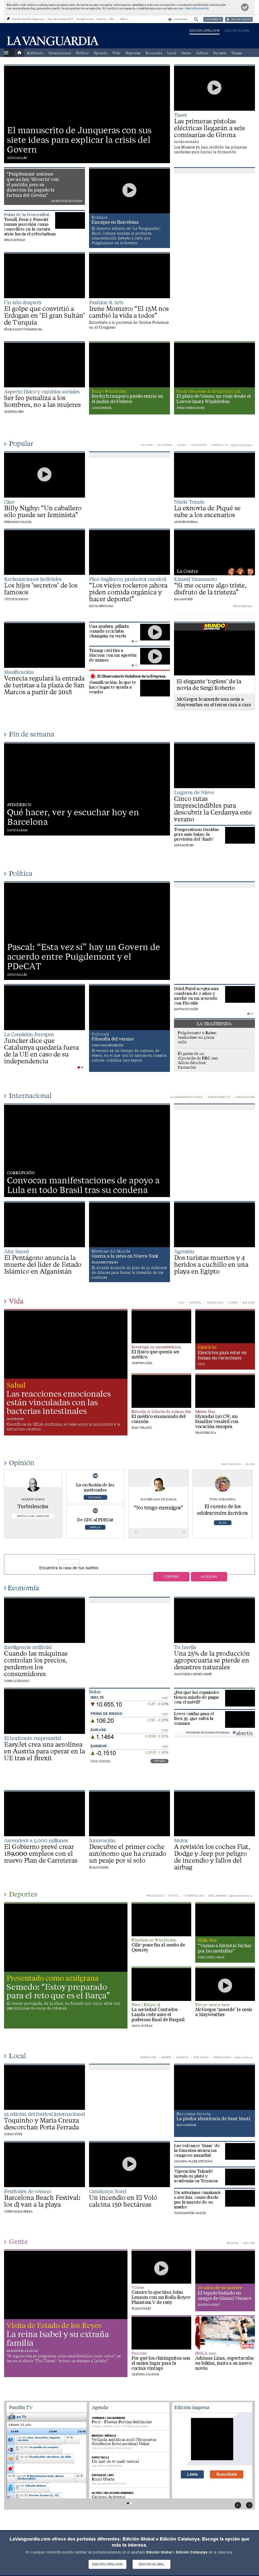 La Vanguardia at Saturday July 15, 2017, 4:22 a.m. UTC